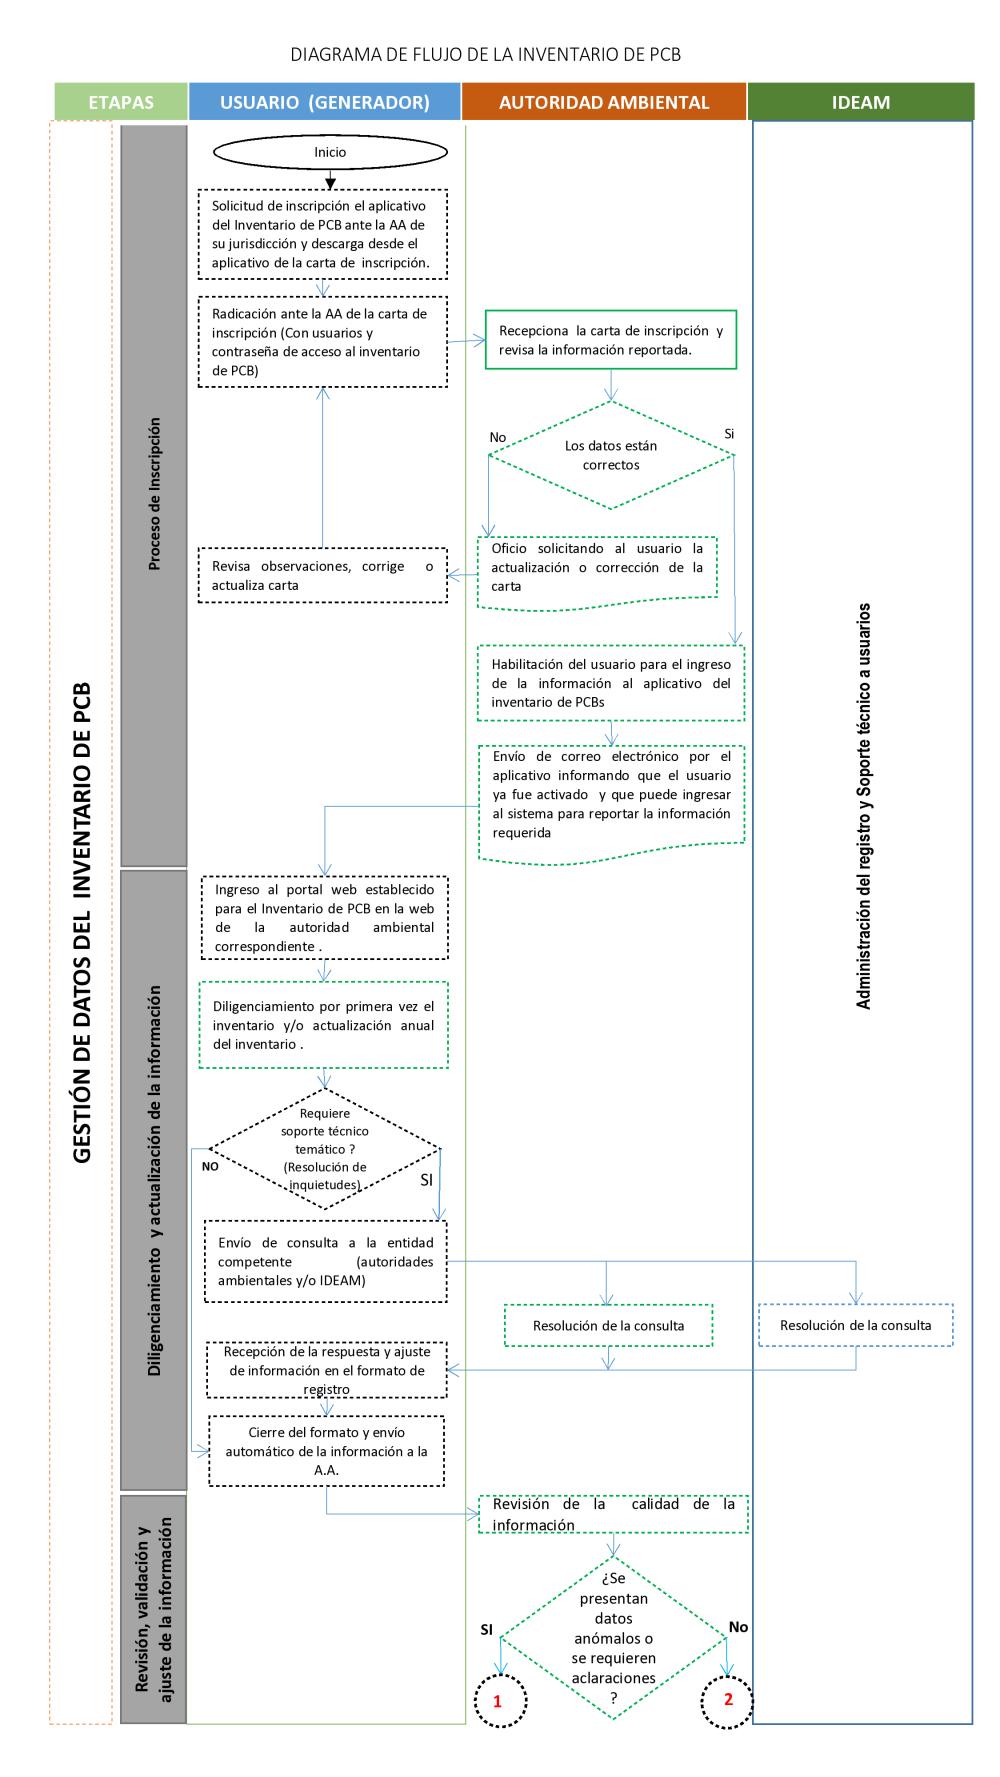 Procedimiento y diagrama de flujo del inventario de pcb ideam cargando ccuart Images